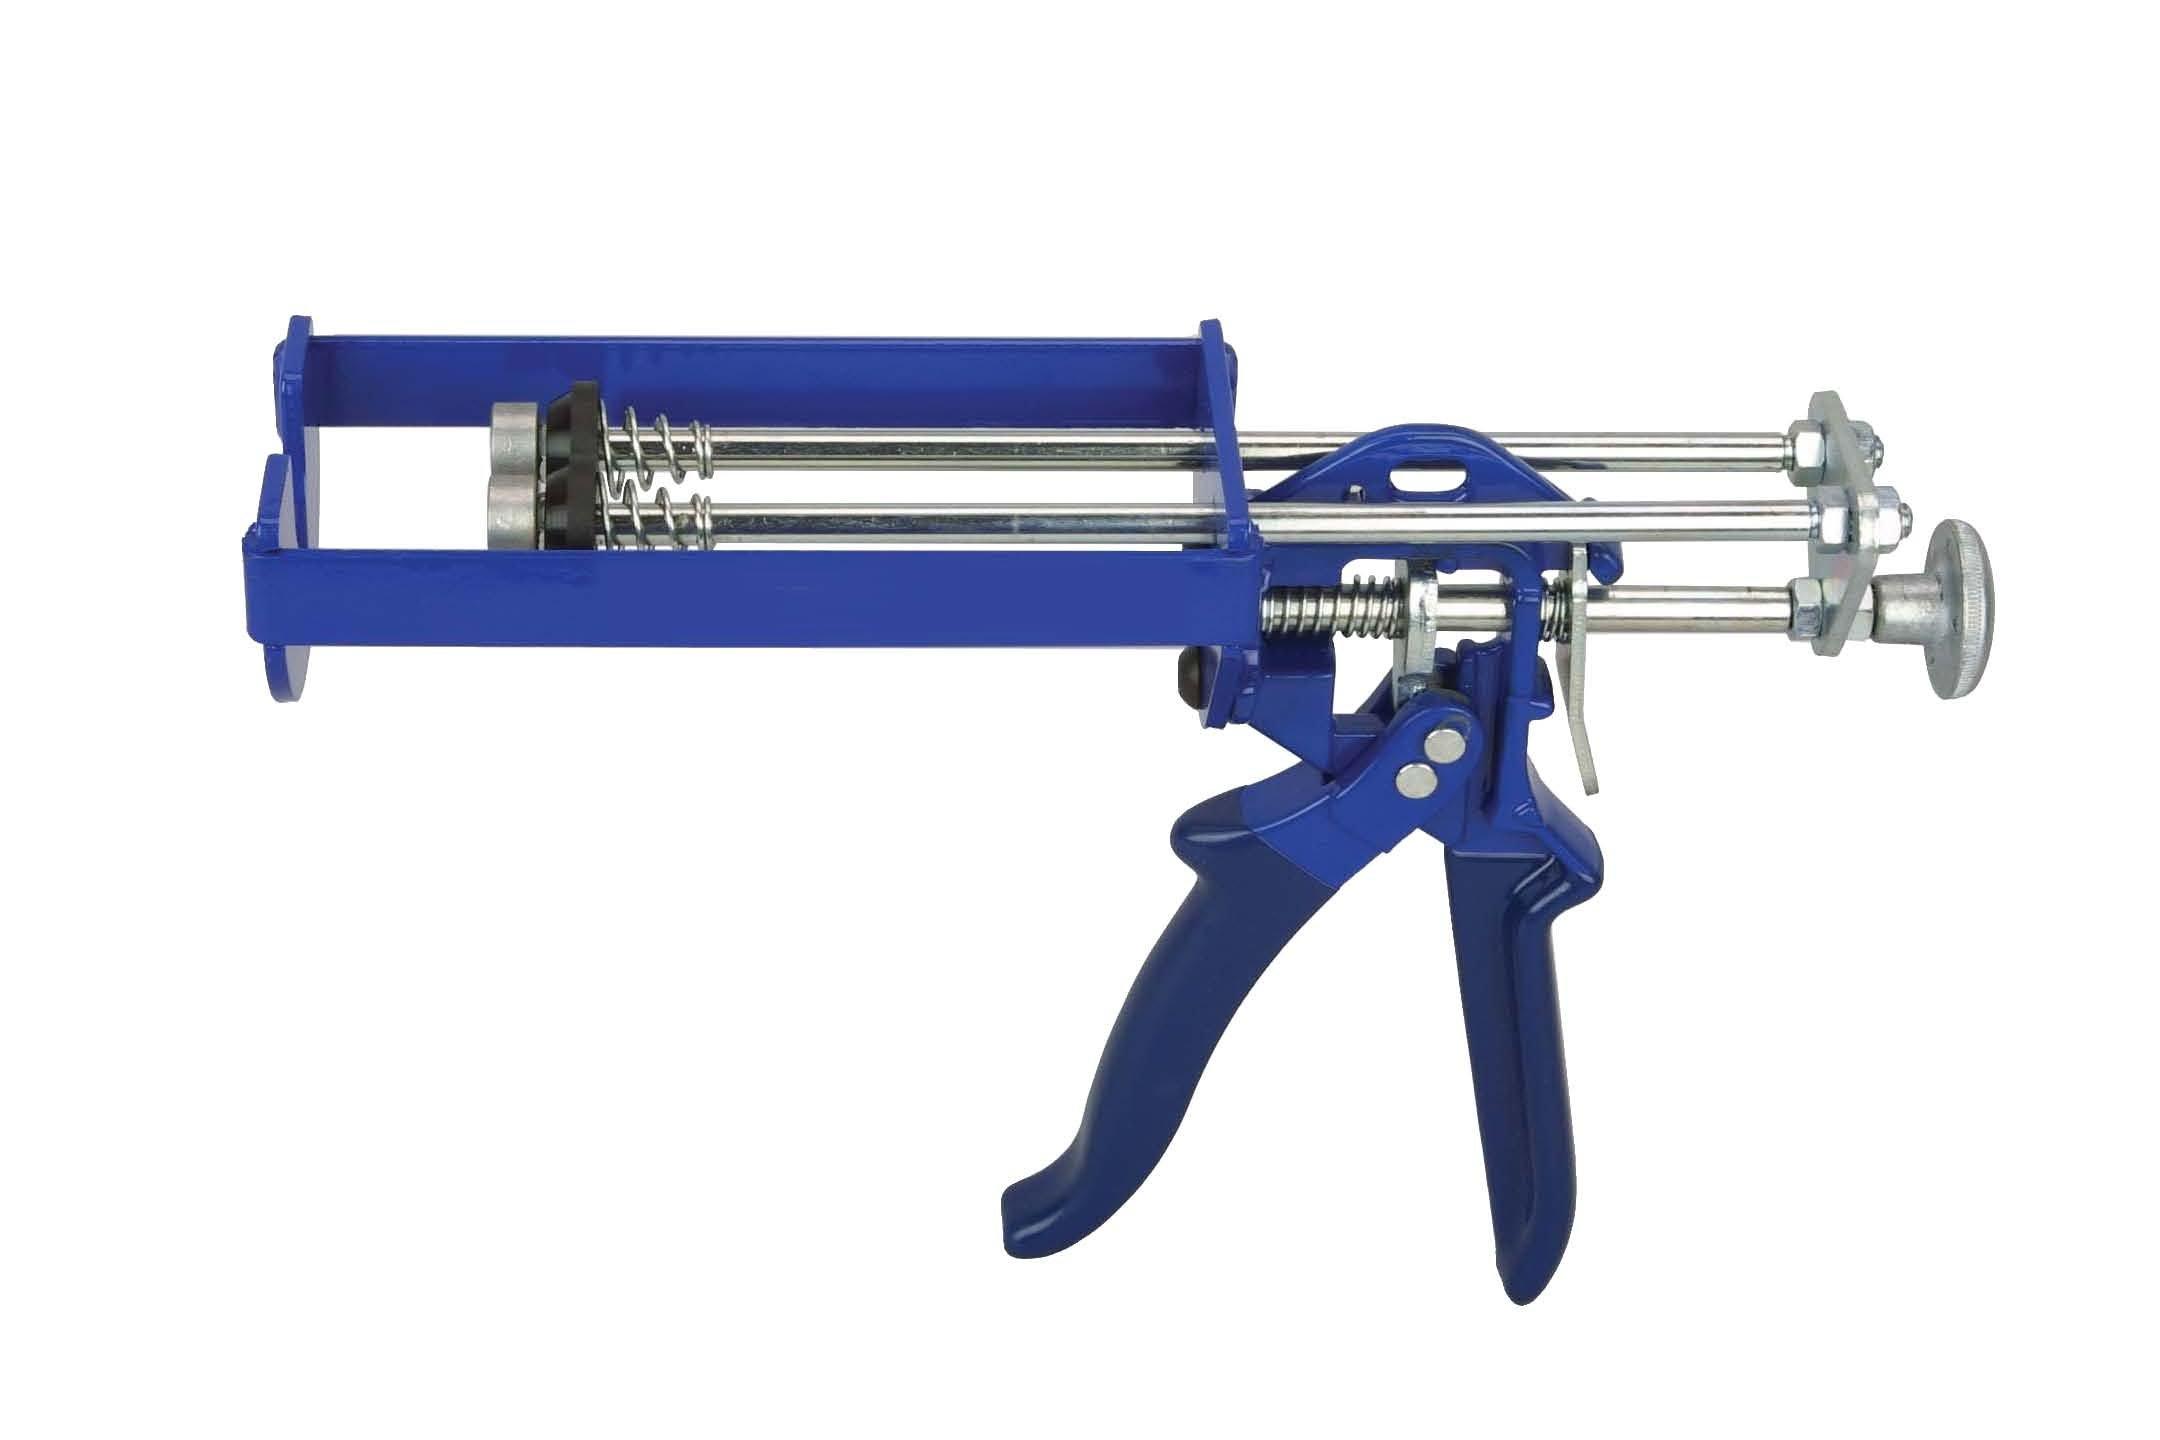 Wellmade Tools 4020 Dual Cartridge Manual Epoxy Applicator Gun, 75ml x 75ml and 100ml x 100ml